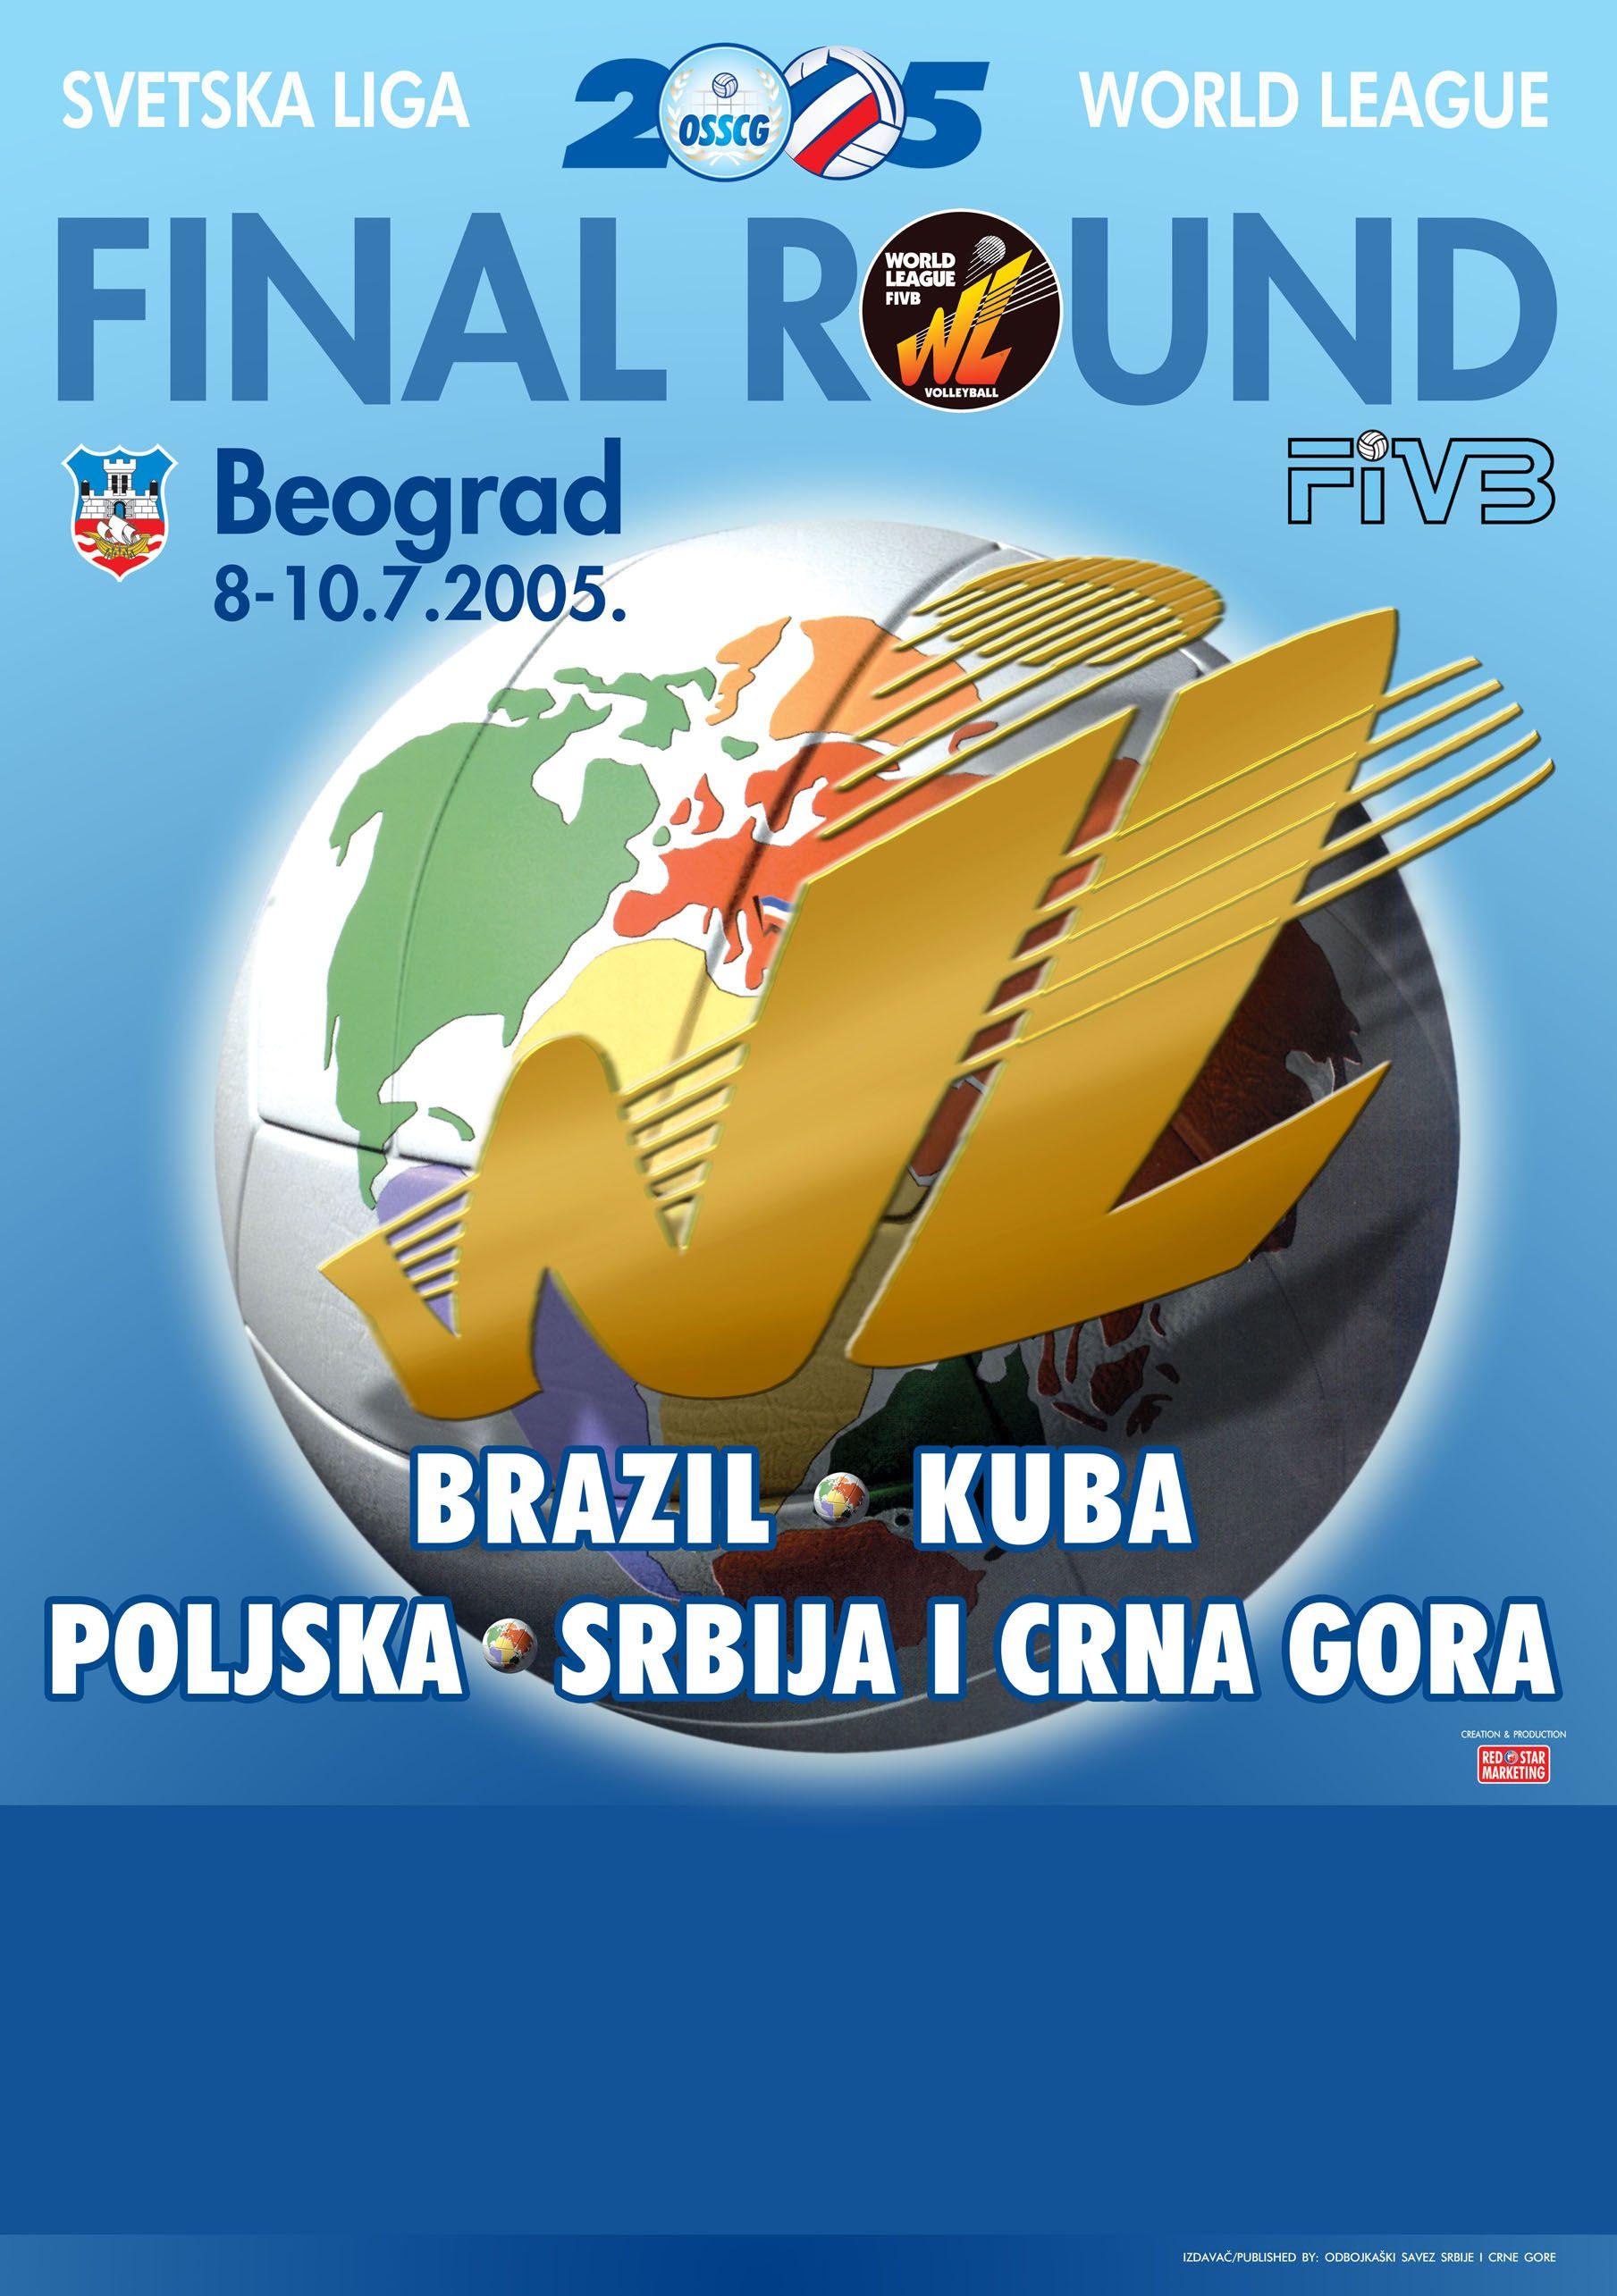 2005 World League Final Tournament poster.